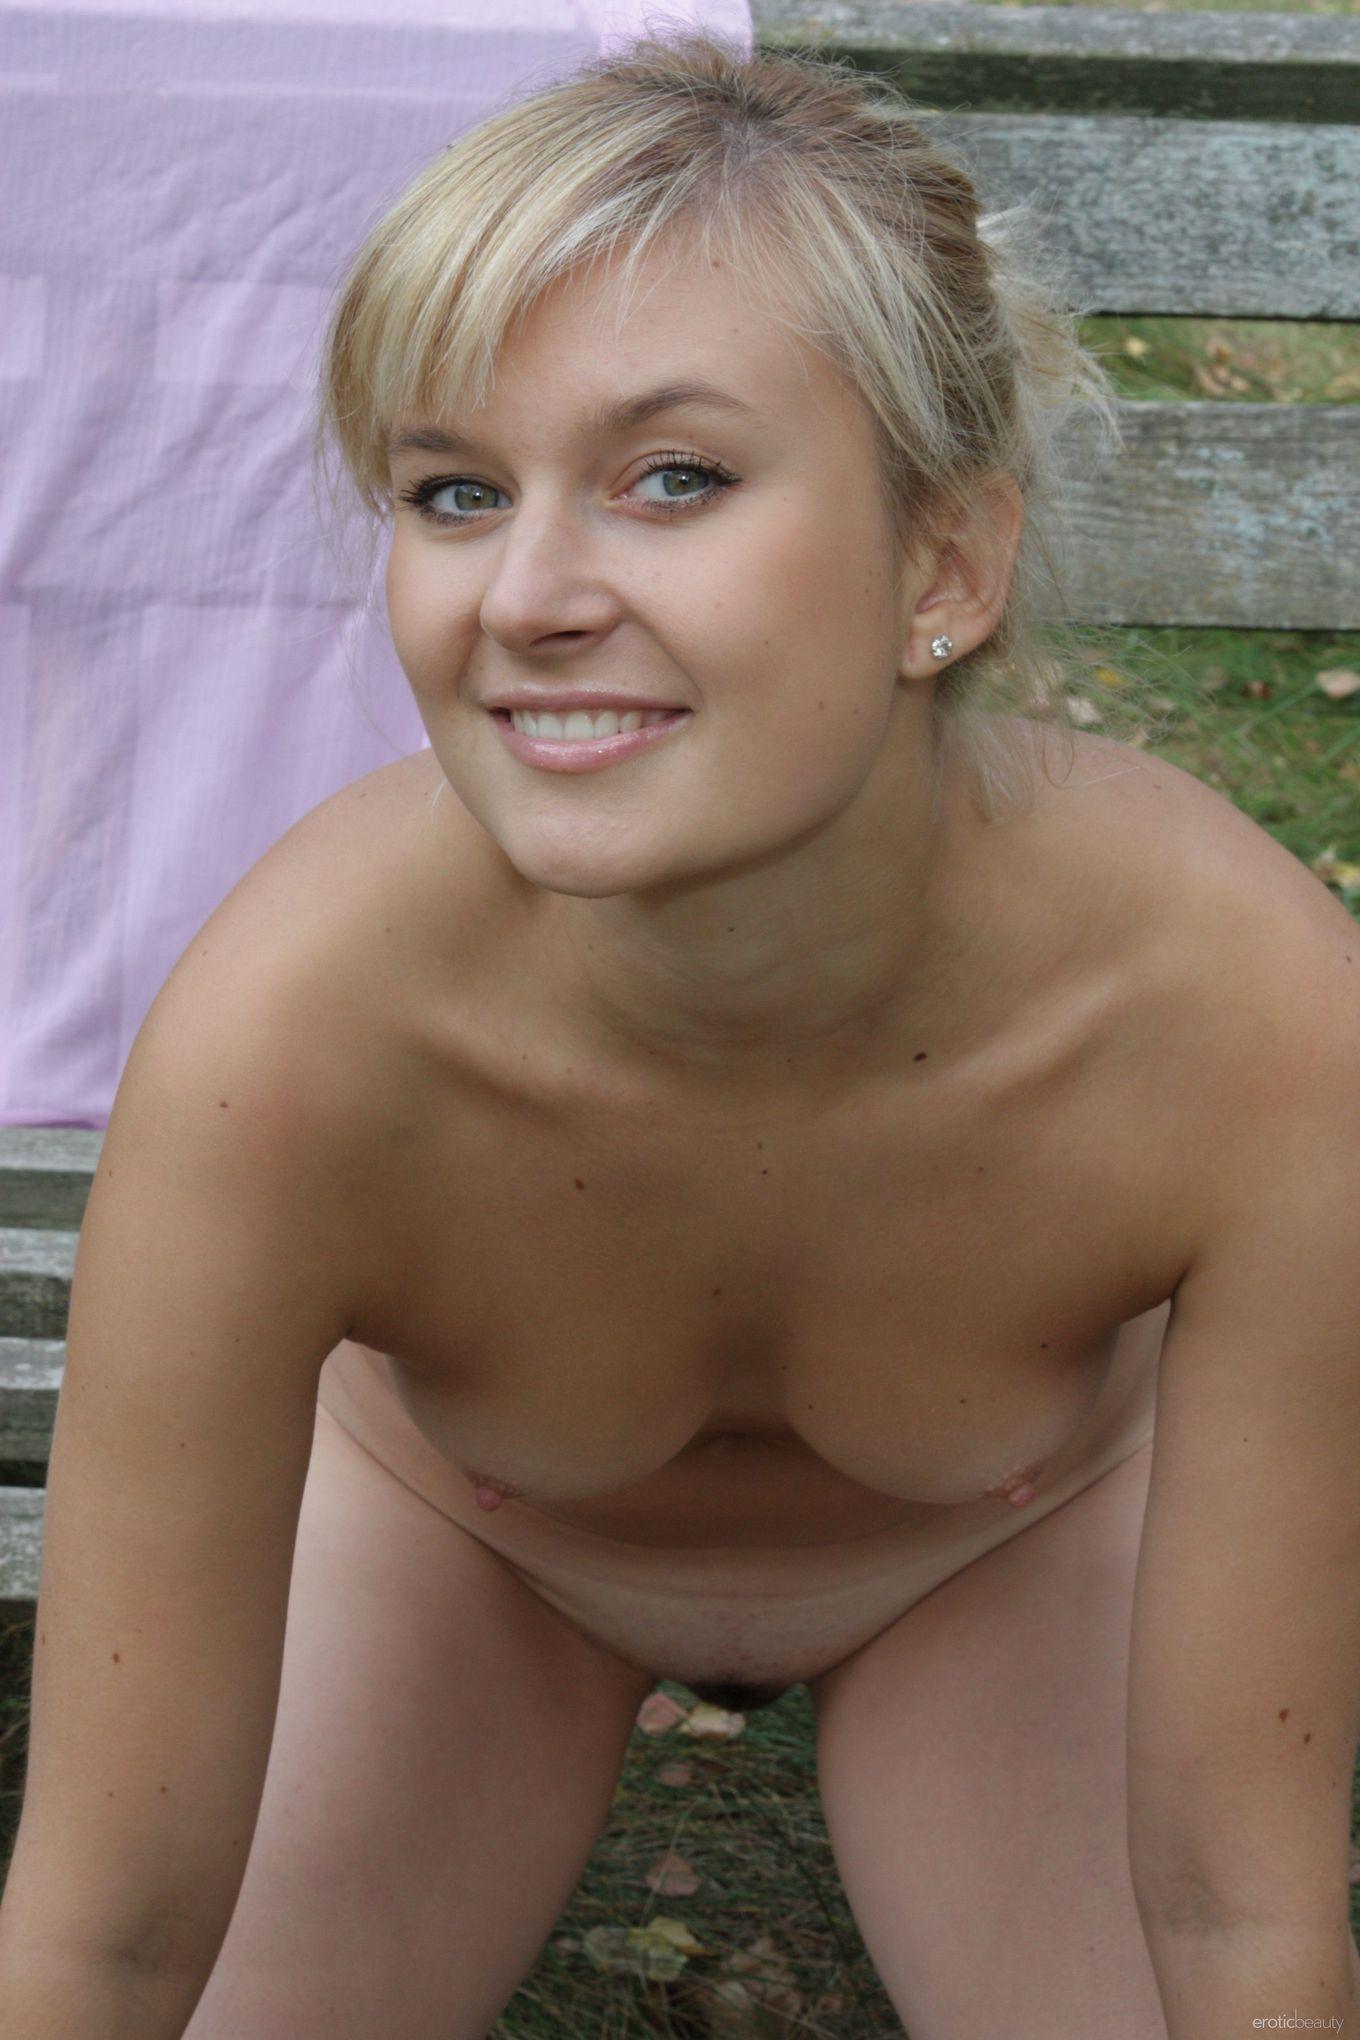 Идеальная блондинка позирует прямо в естественной среде и не стесняется – ее фигурке можно только позавидовать